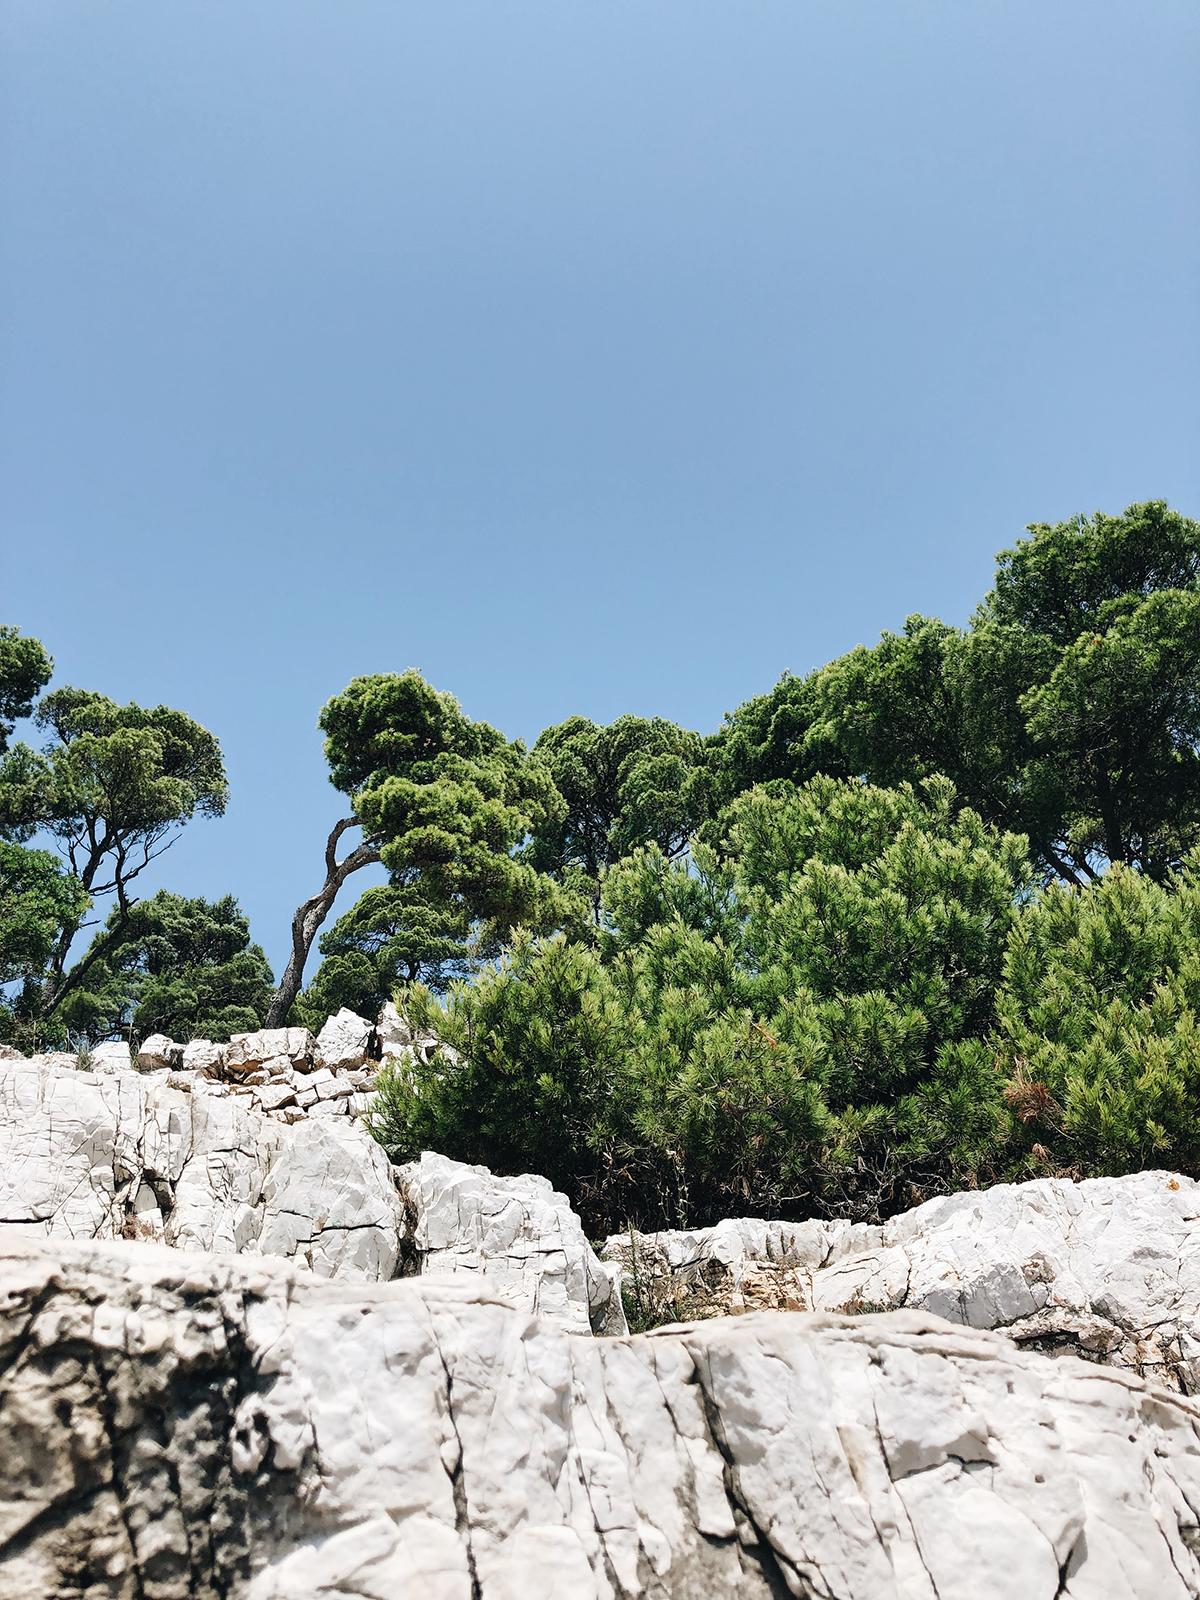 ohranimo-naravo-čisto-in-neokrnjeno-lili-in-roza-blog-skrb-za-okolje-gozd-11.JPG